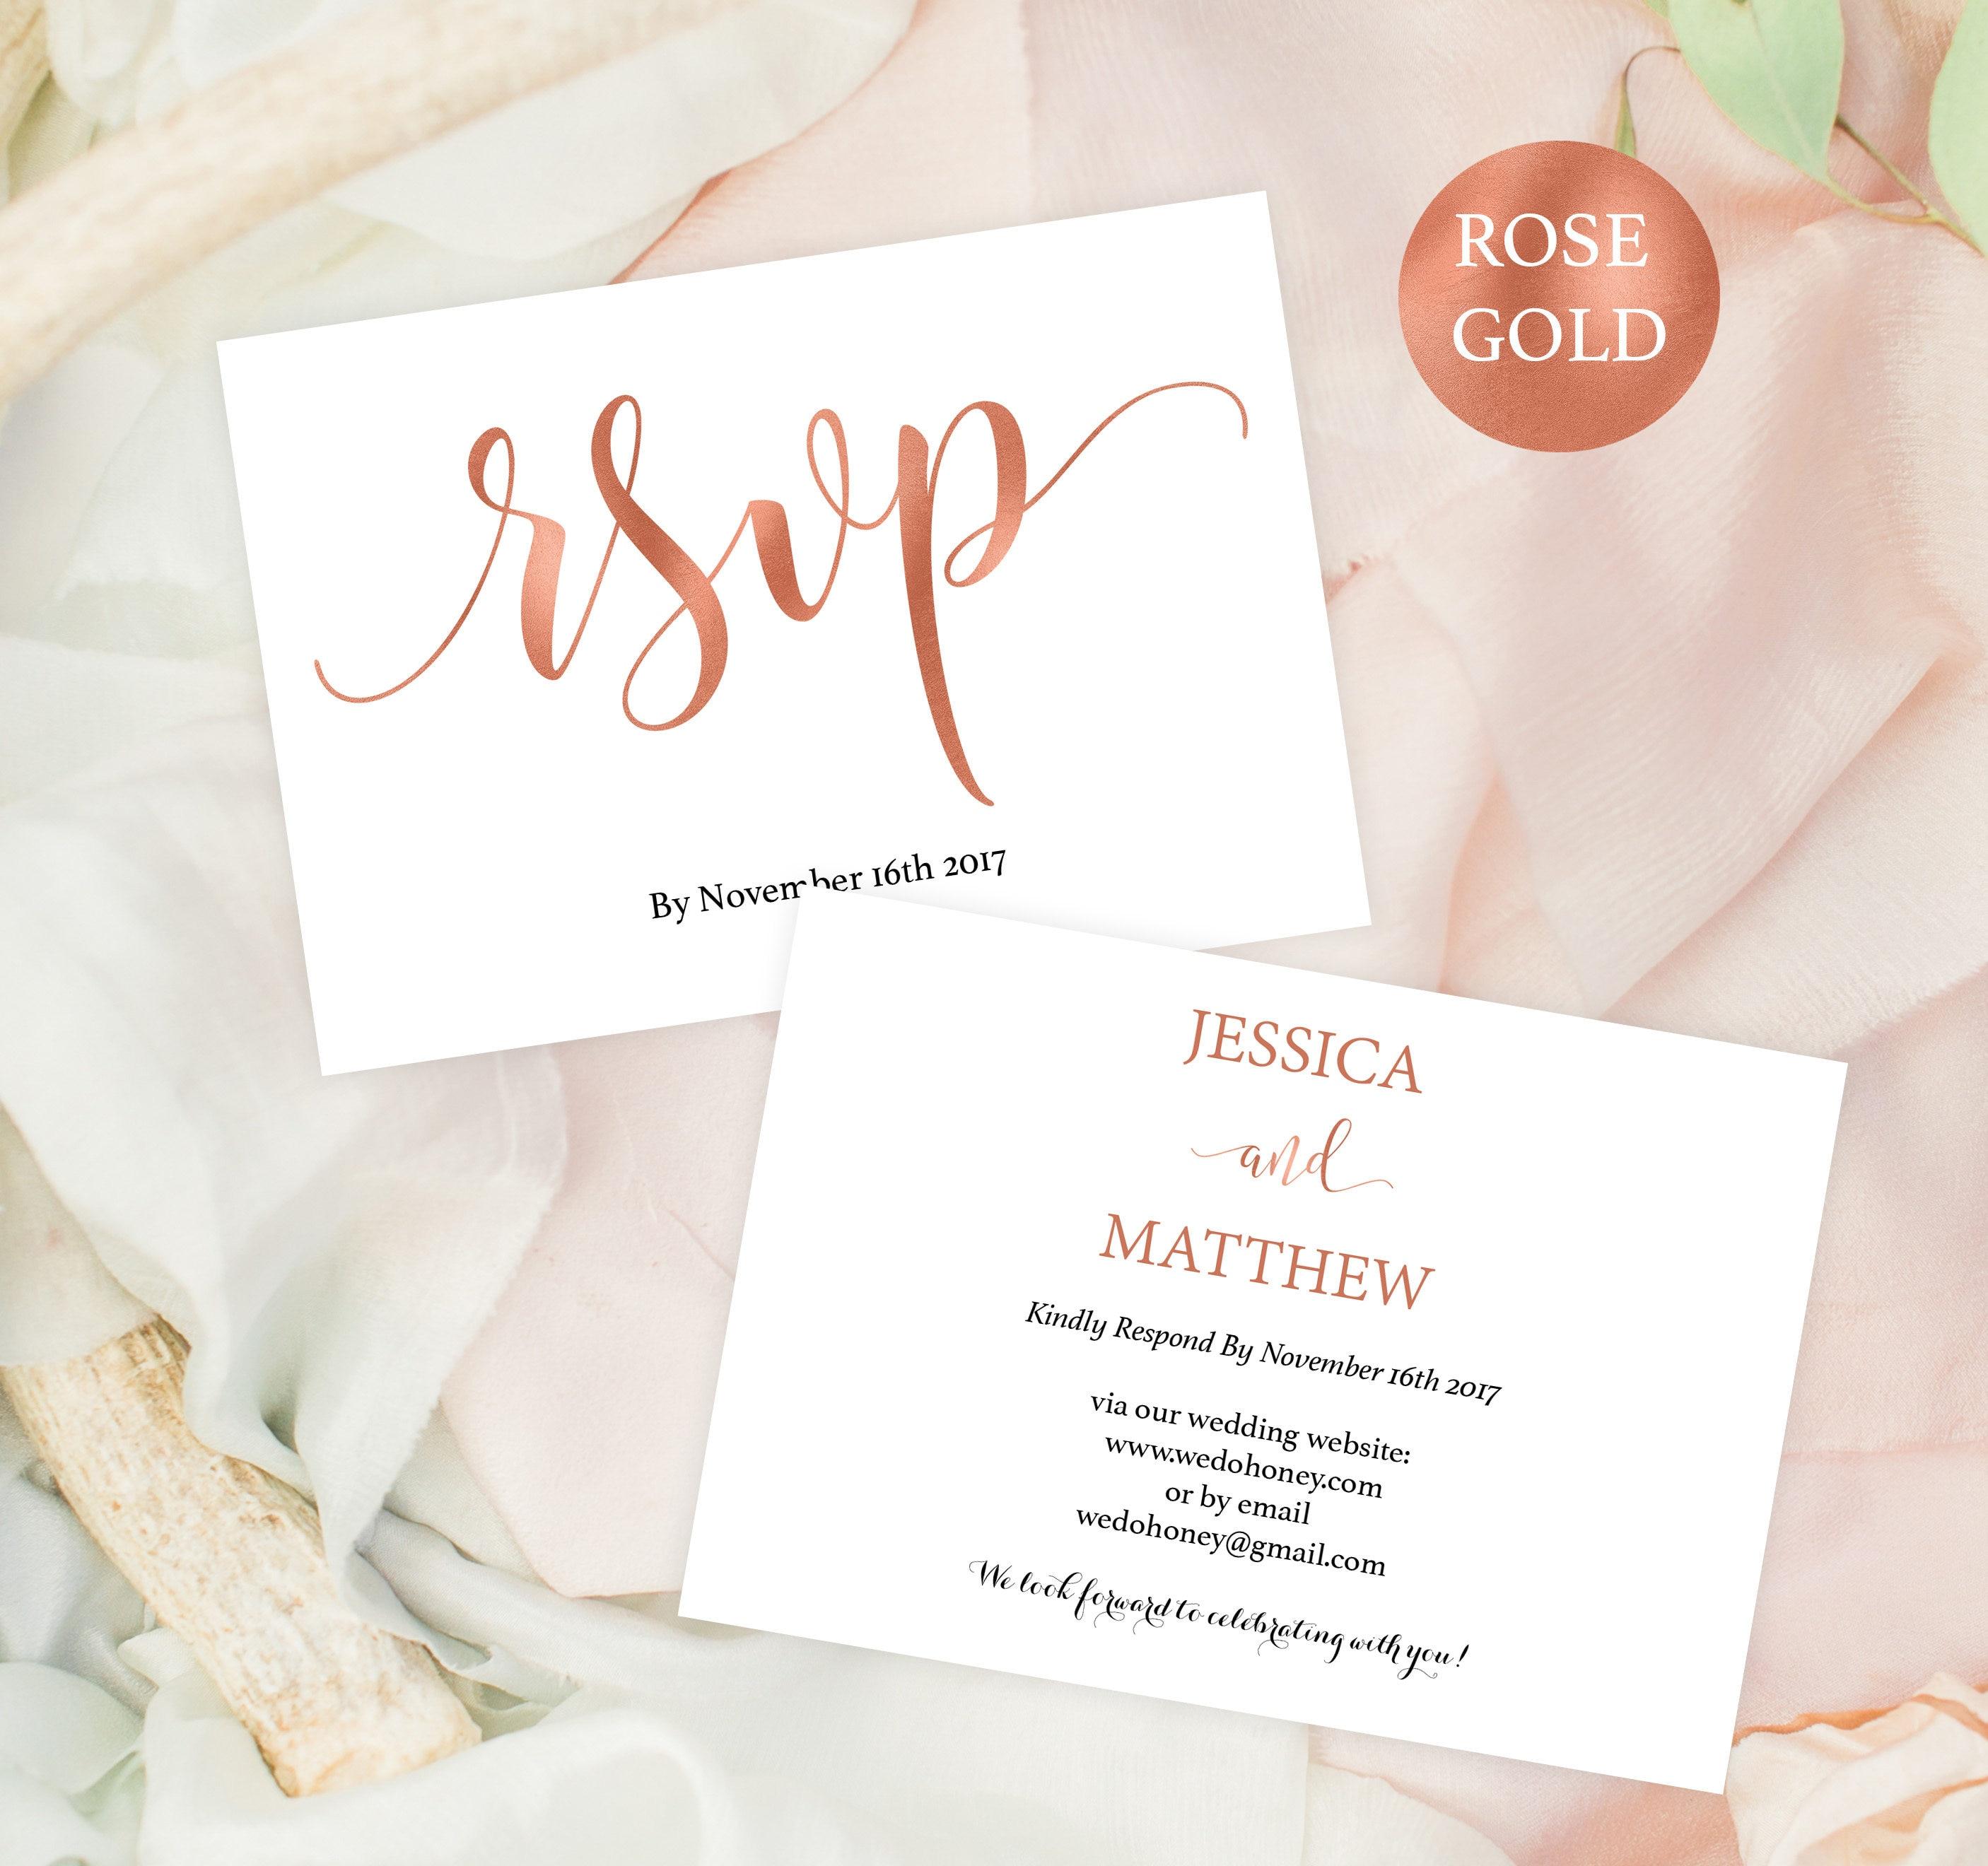 wedding rsvp postcard rsvp template rsvp online rose. Black Bedroom Furniture Sets. Home Design Ideas